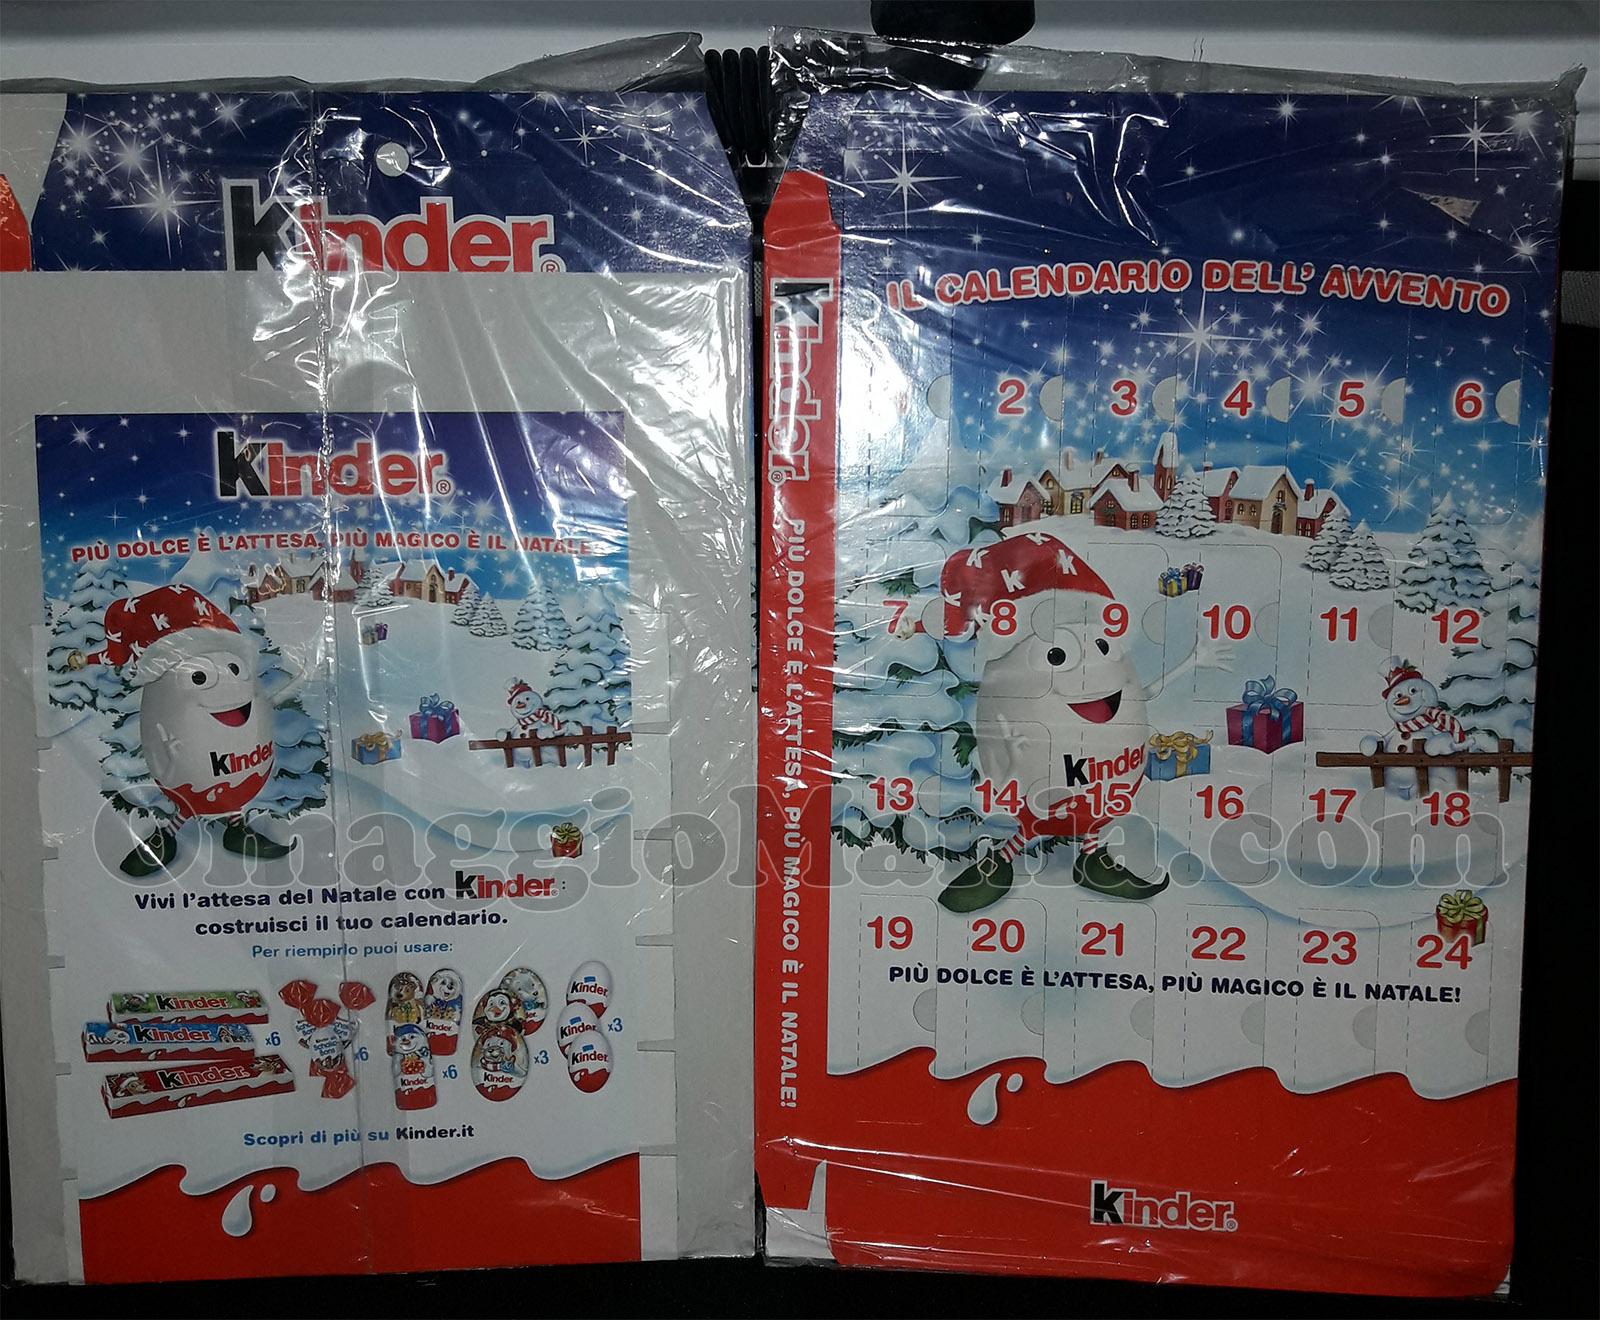 Calendari dell'Avvento Kinder in omaggio - OmaggioMania